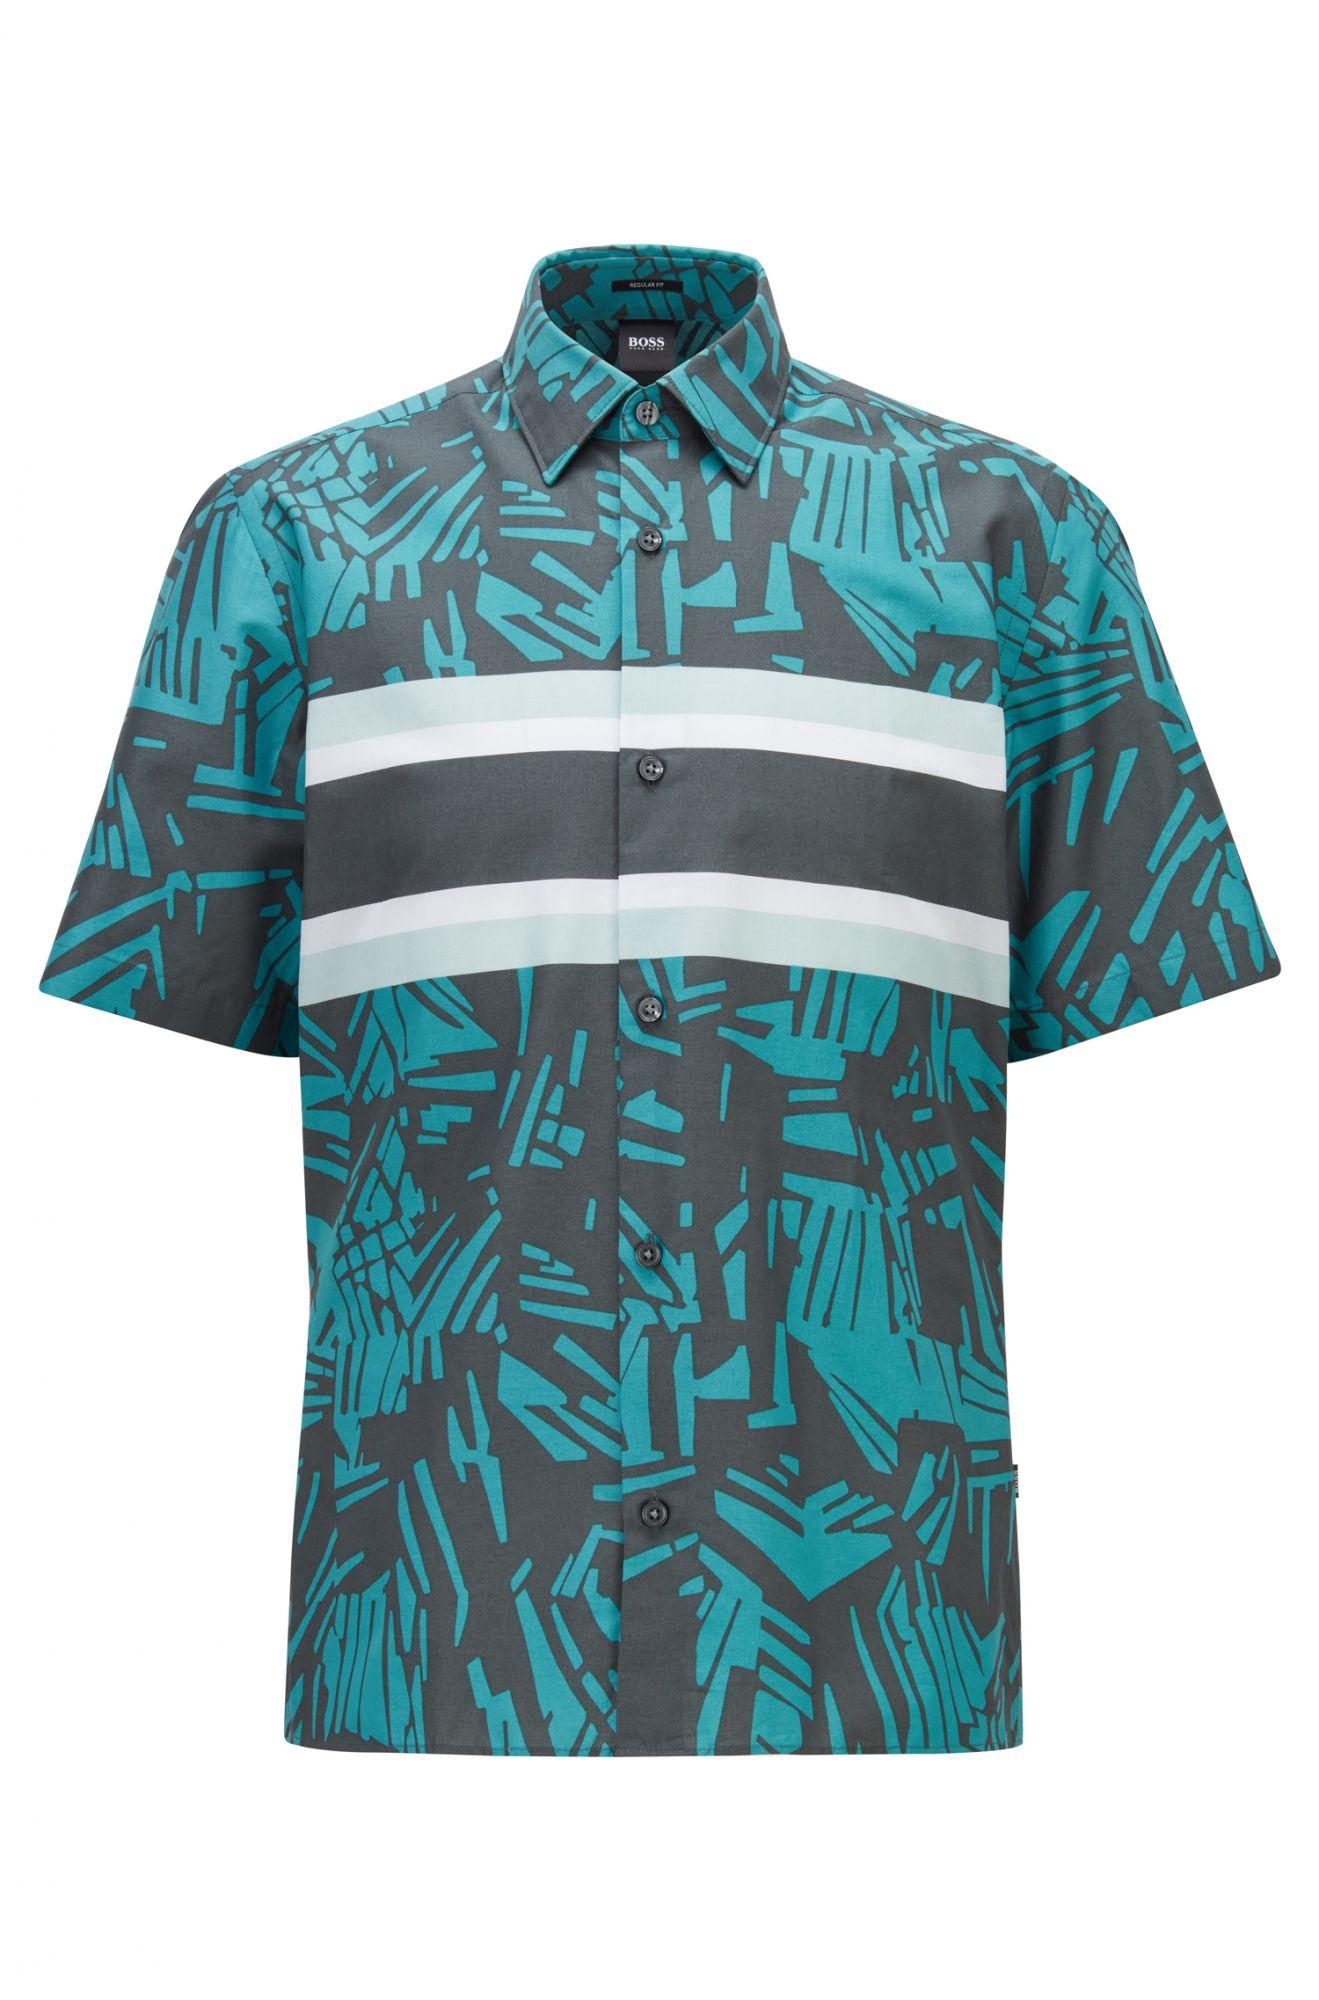 BOSS 深綠色條紋熱帶印花短袖襯衫